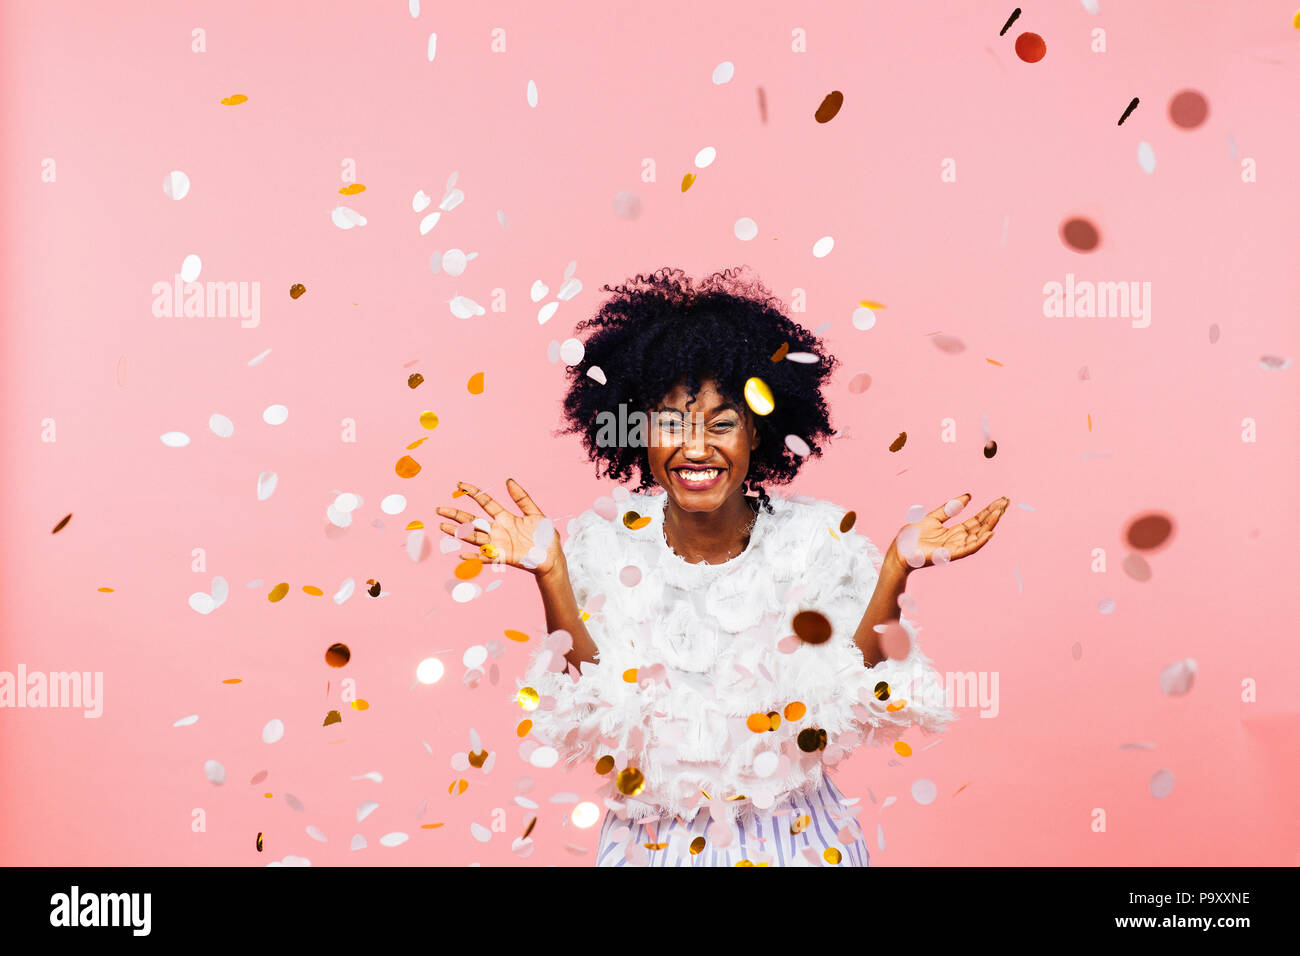 Celebrando la felicità, giovane donna con un grande sorriso gettando coriandoli Immagini Stock